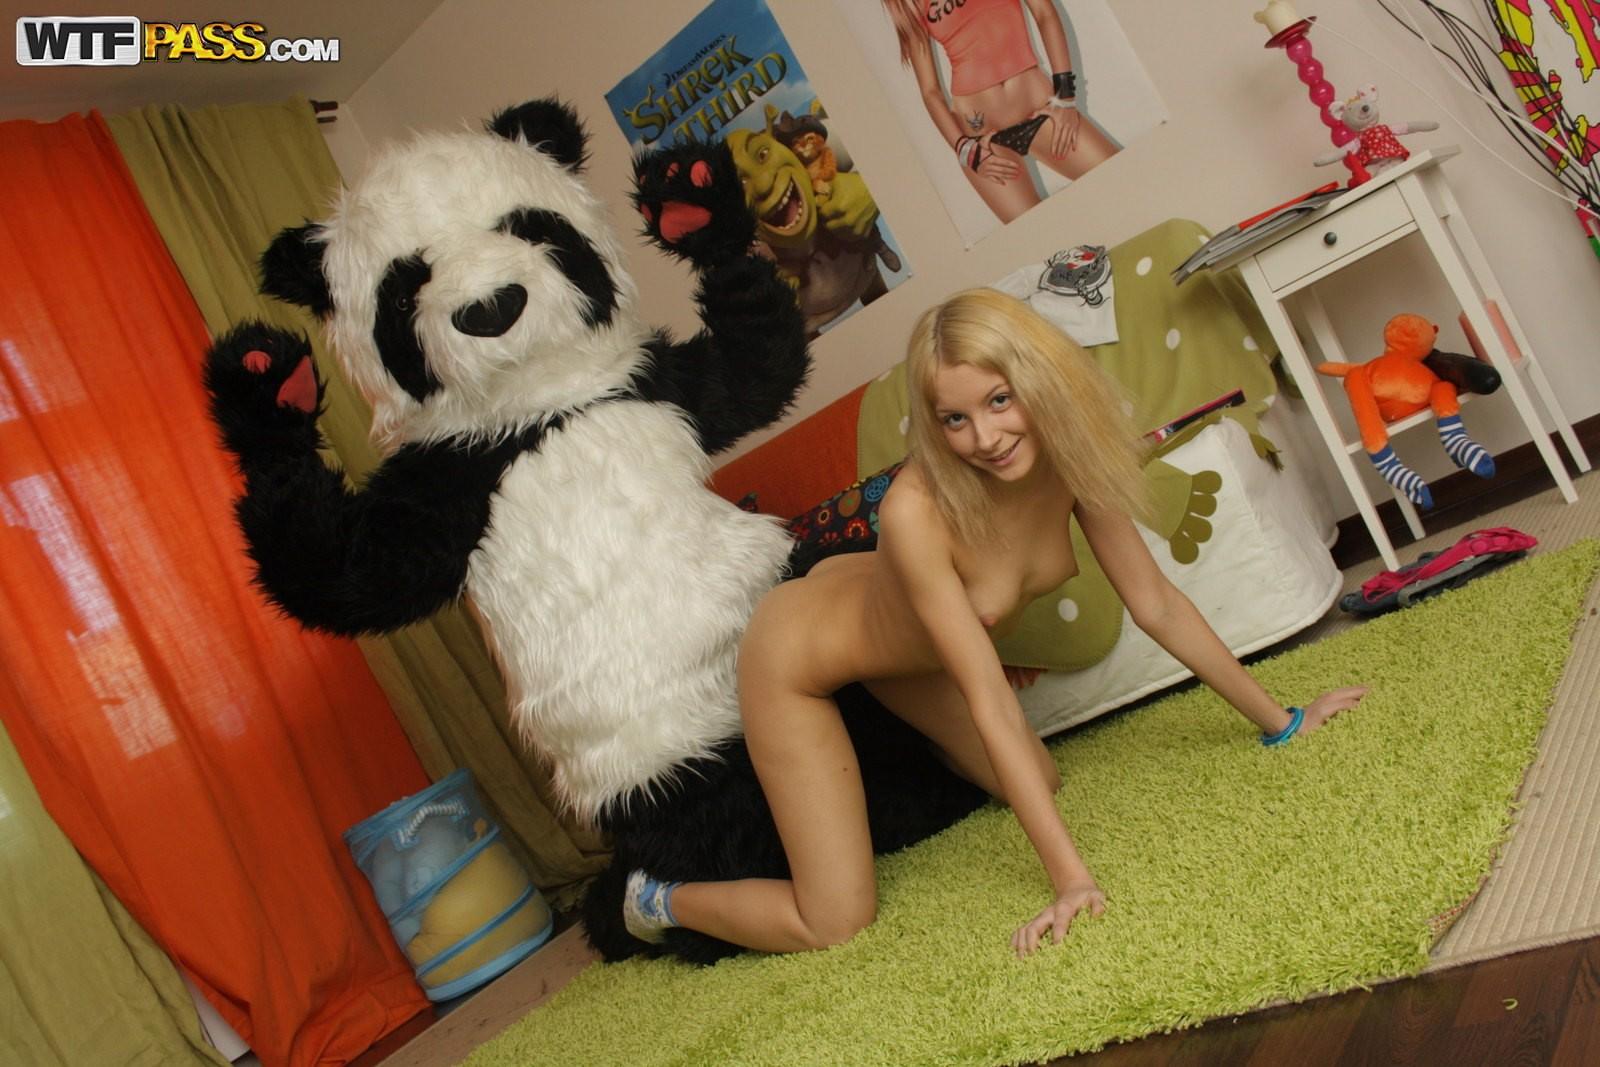 Трахающиеся панды фото 3 фотография